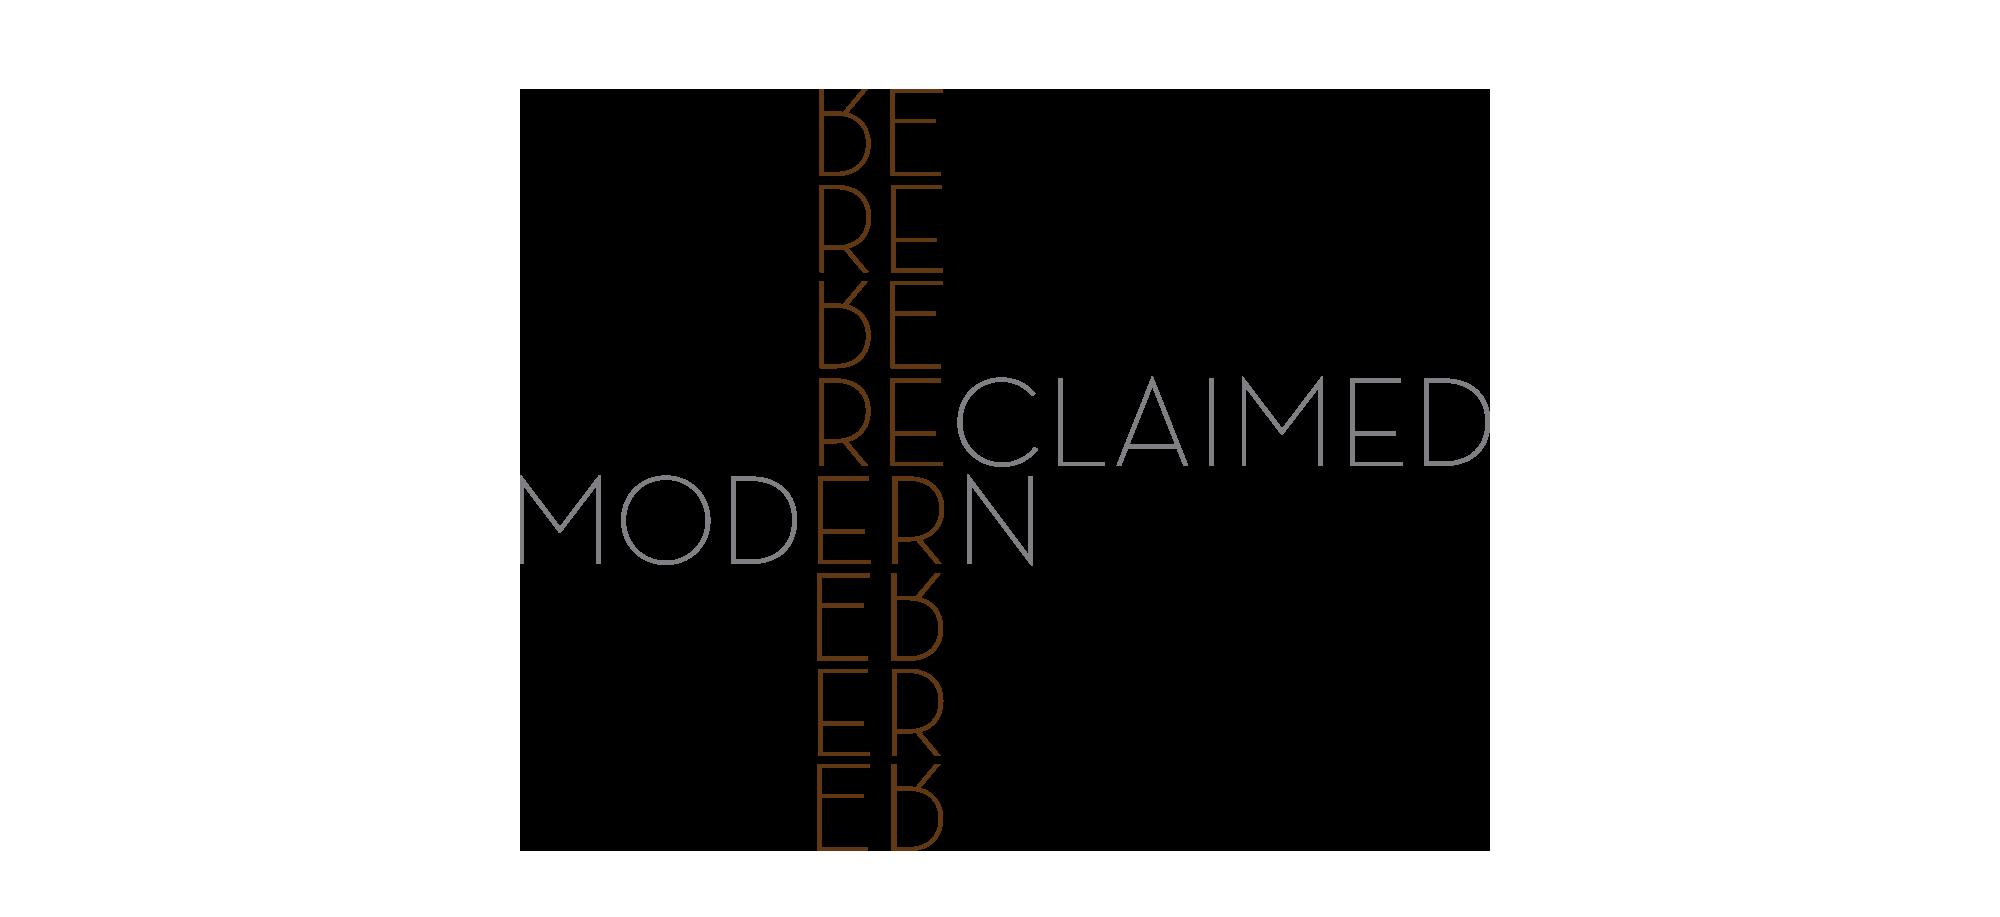 Reclaimed Modern